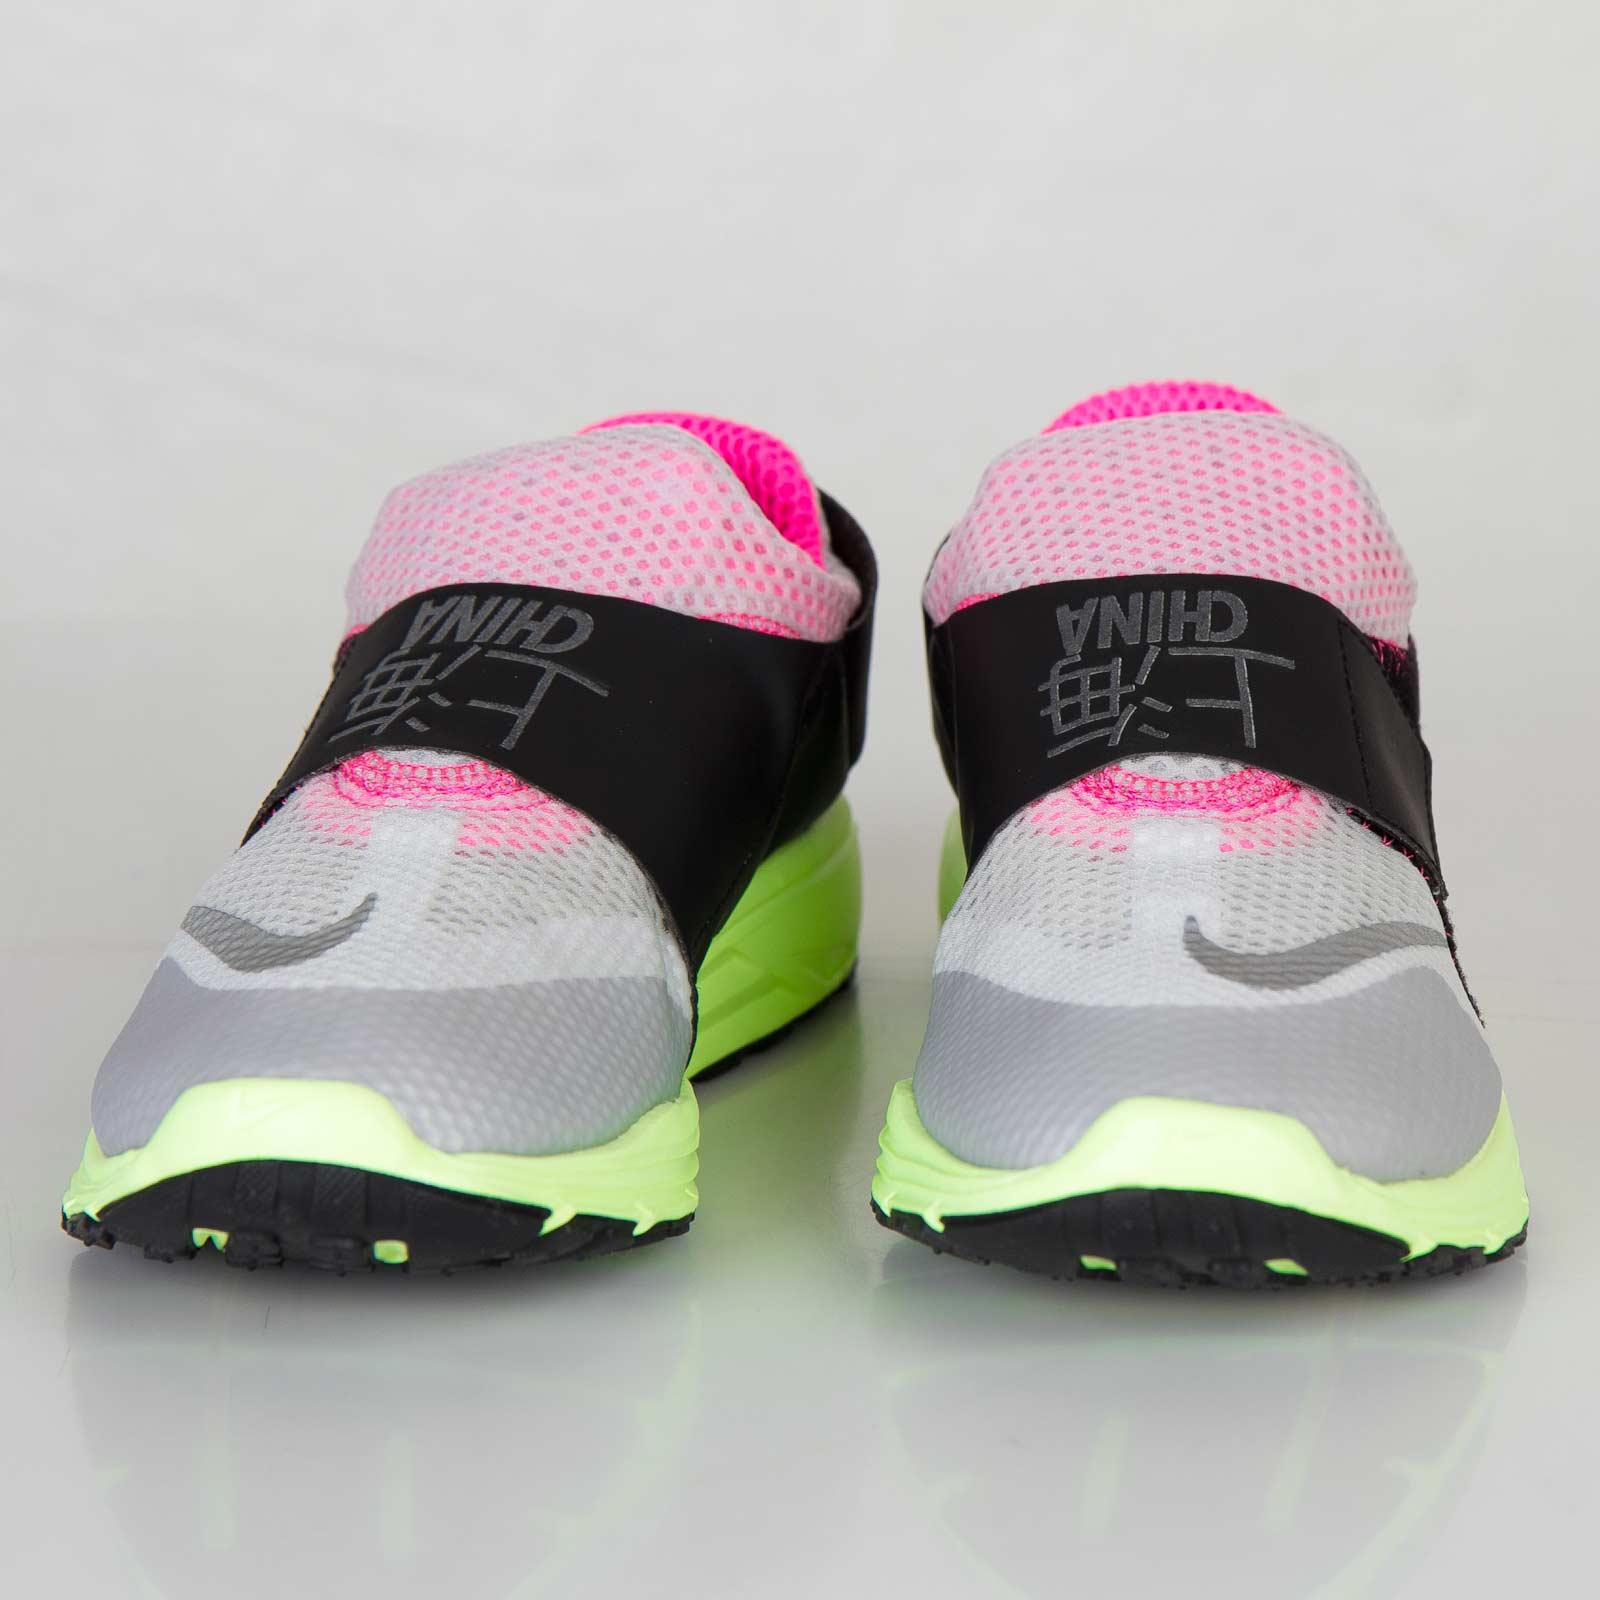 dd7f8bc9987cb Nike Lunarfly 306 City QS - 667639-001 - Sneakersnstuff